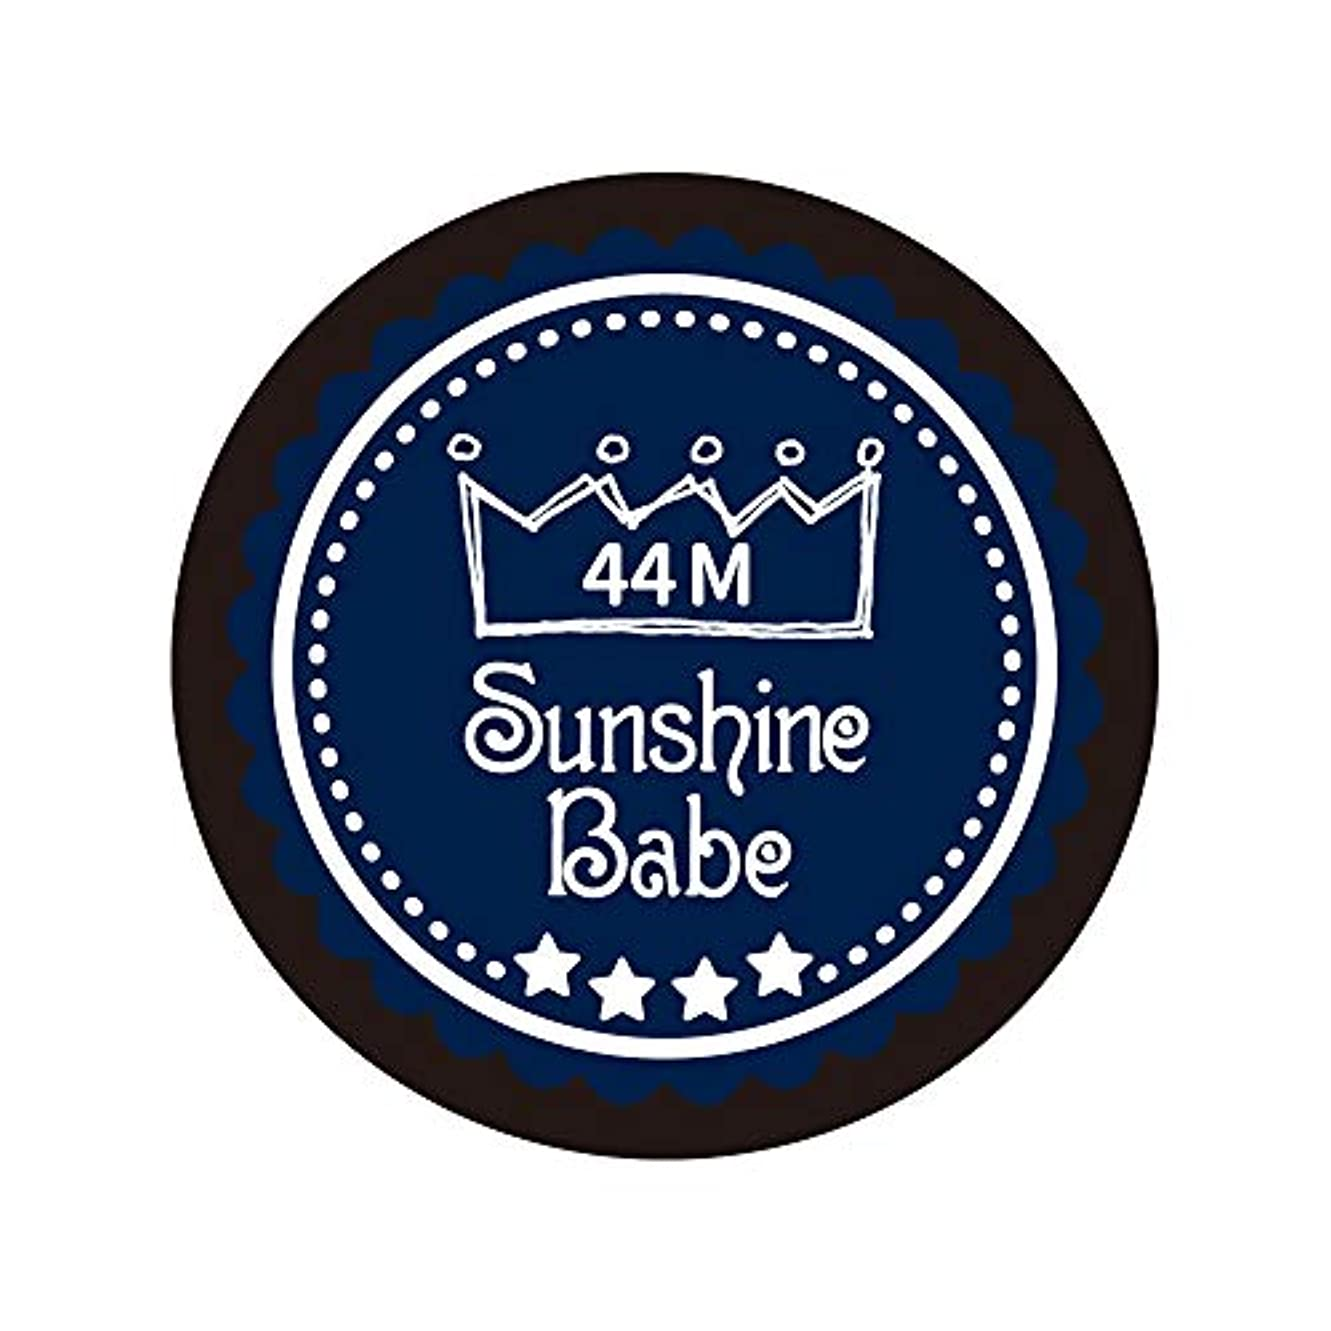 過去疑わしい子供達Sunshine Babe カラージェル 44M クラシックネイビー 2.7g UV/LED対応